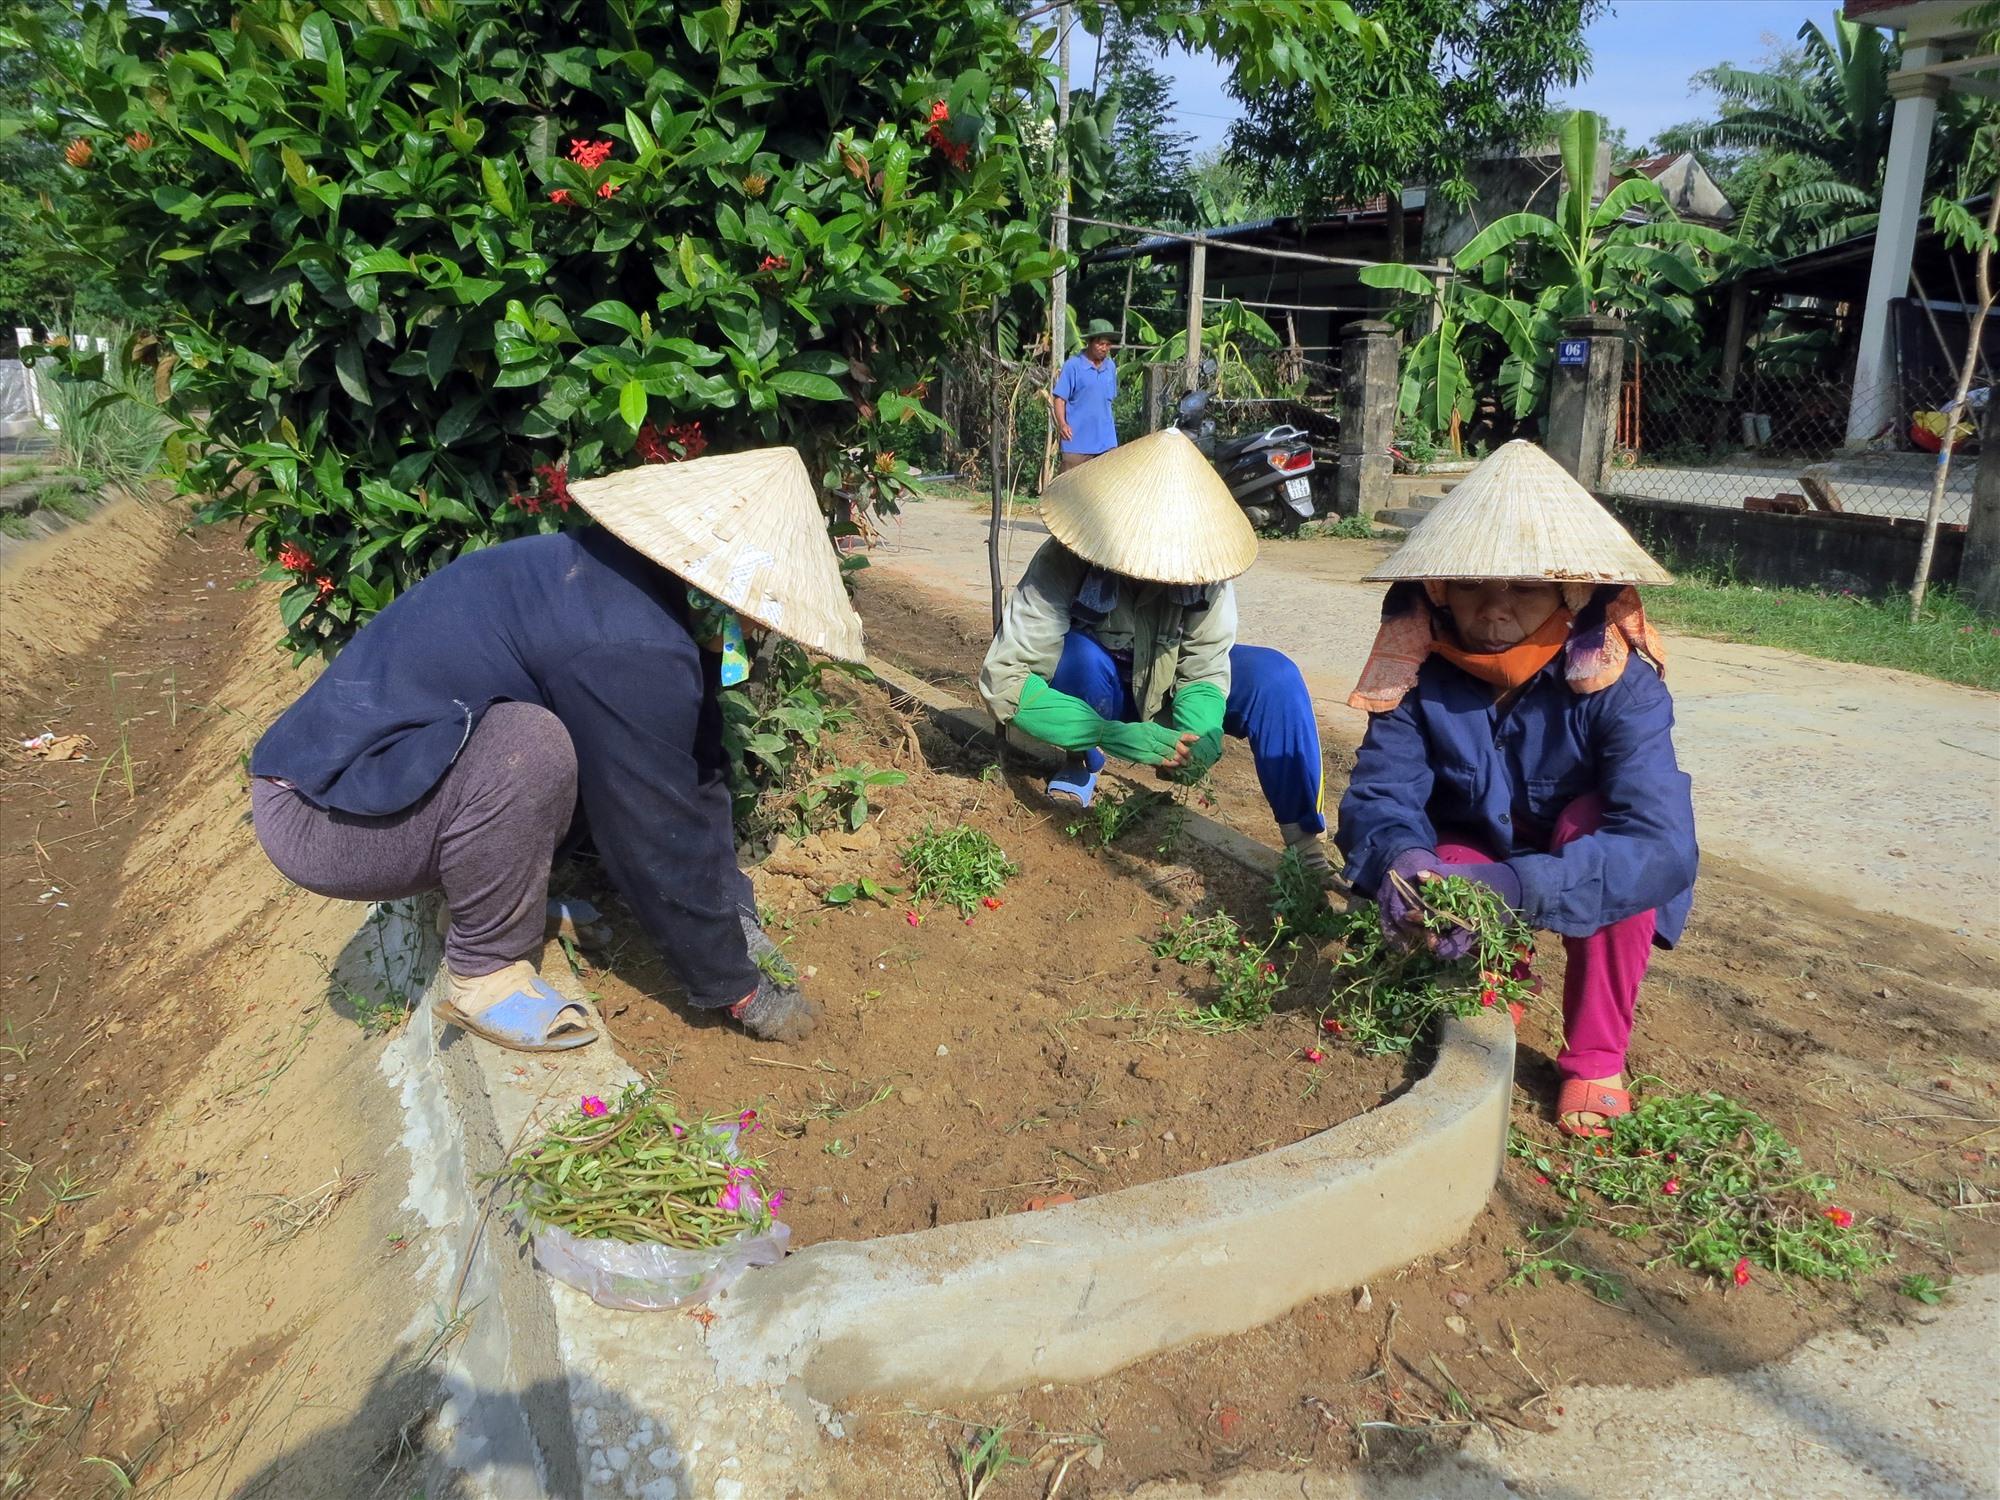 Người dân xã Điện Trung vệ sinh, trồng hoa làm đẹp đường quê. Ảnh: T.C